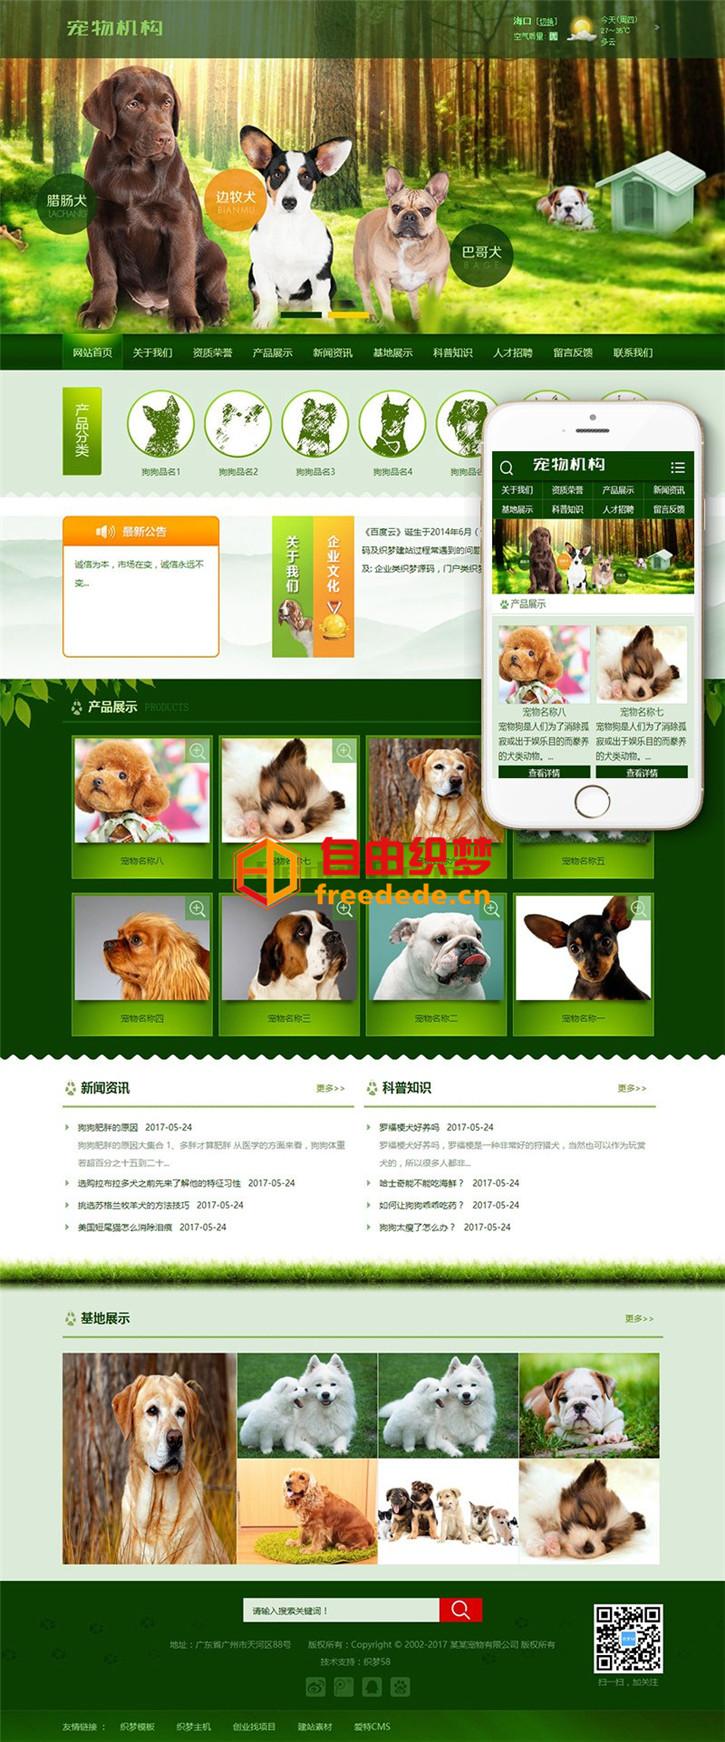 爱上源码网文章dedecms网站源码绿色宠物狗机构类网站织梦模板(带手机端)的内容插图